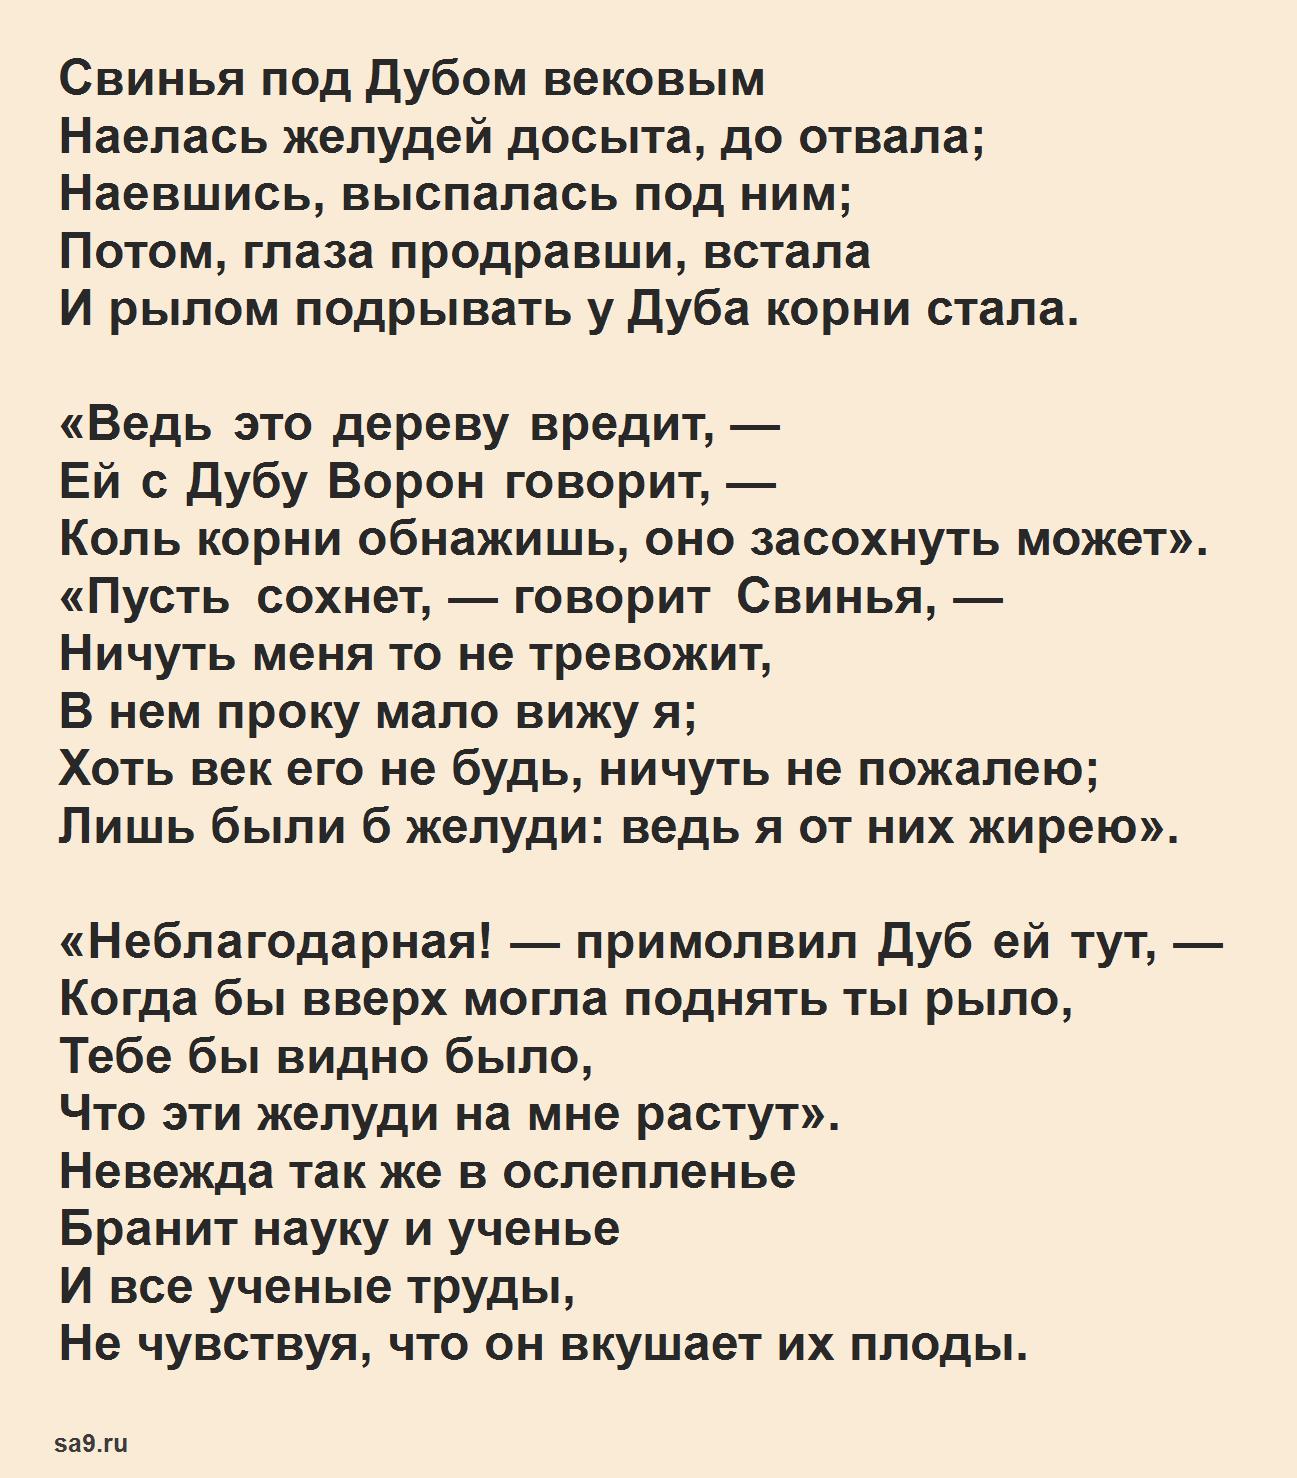 Басня Крылова 'Свинья под дубом', текст басни читать полностью